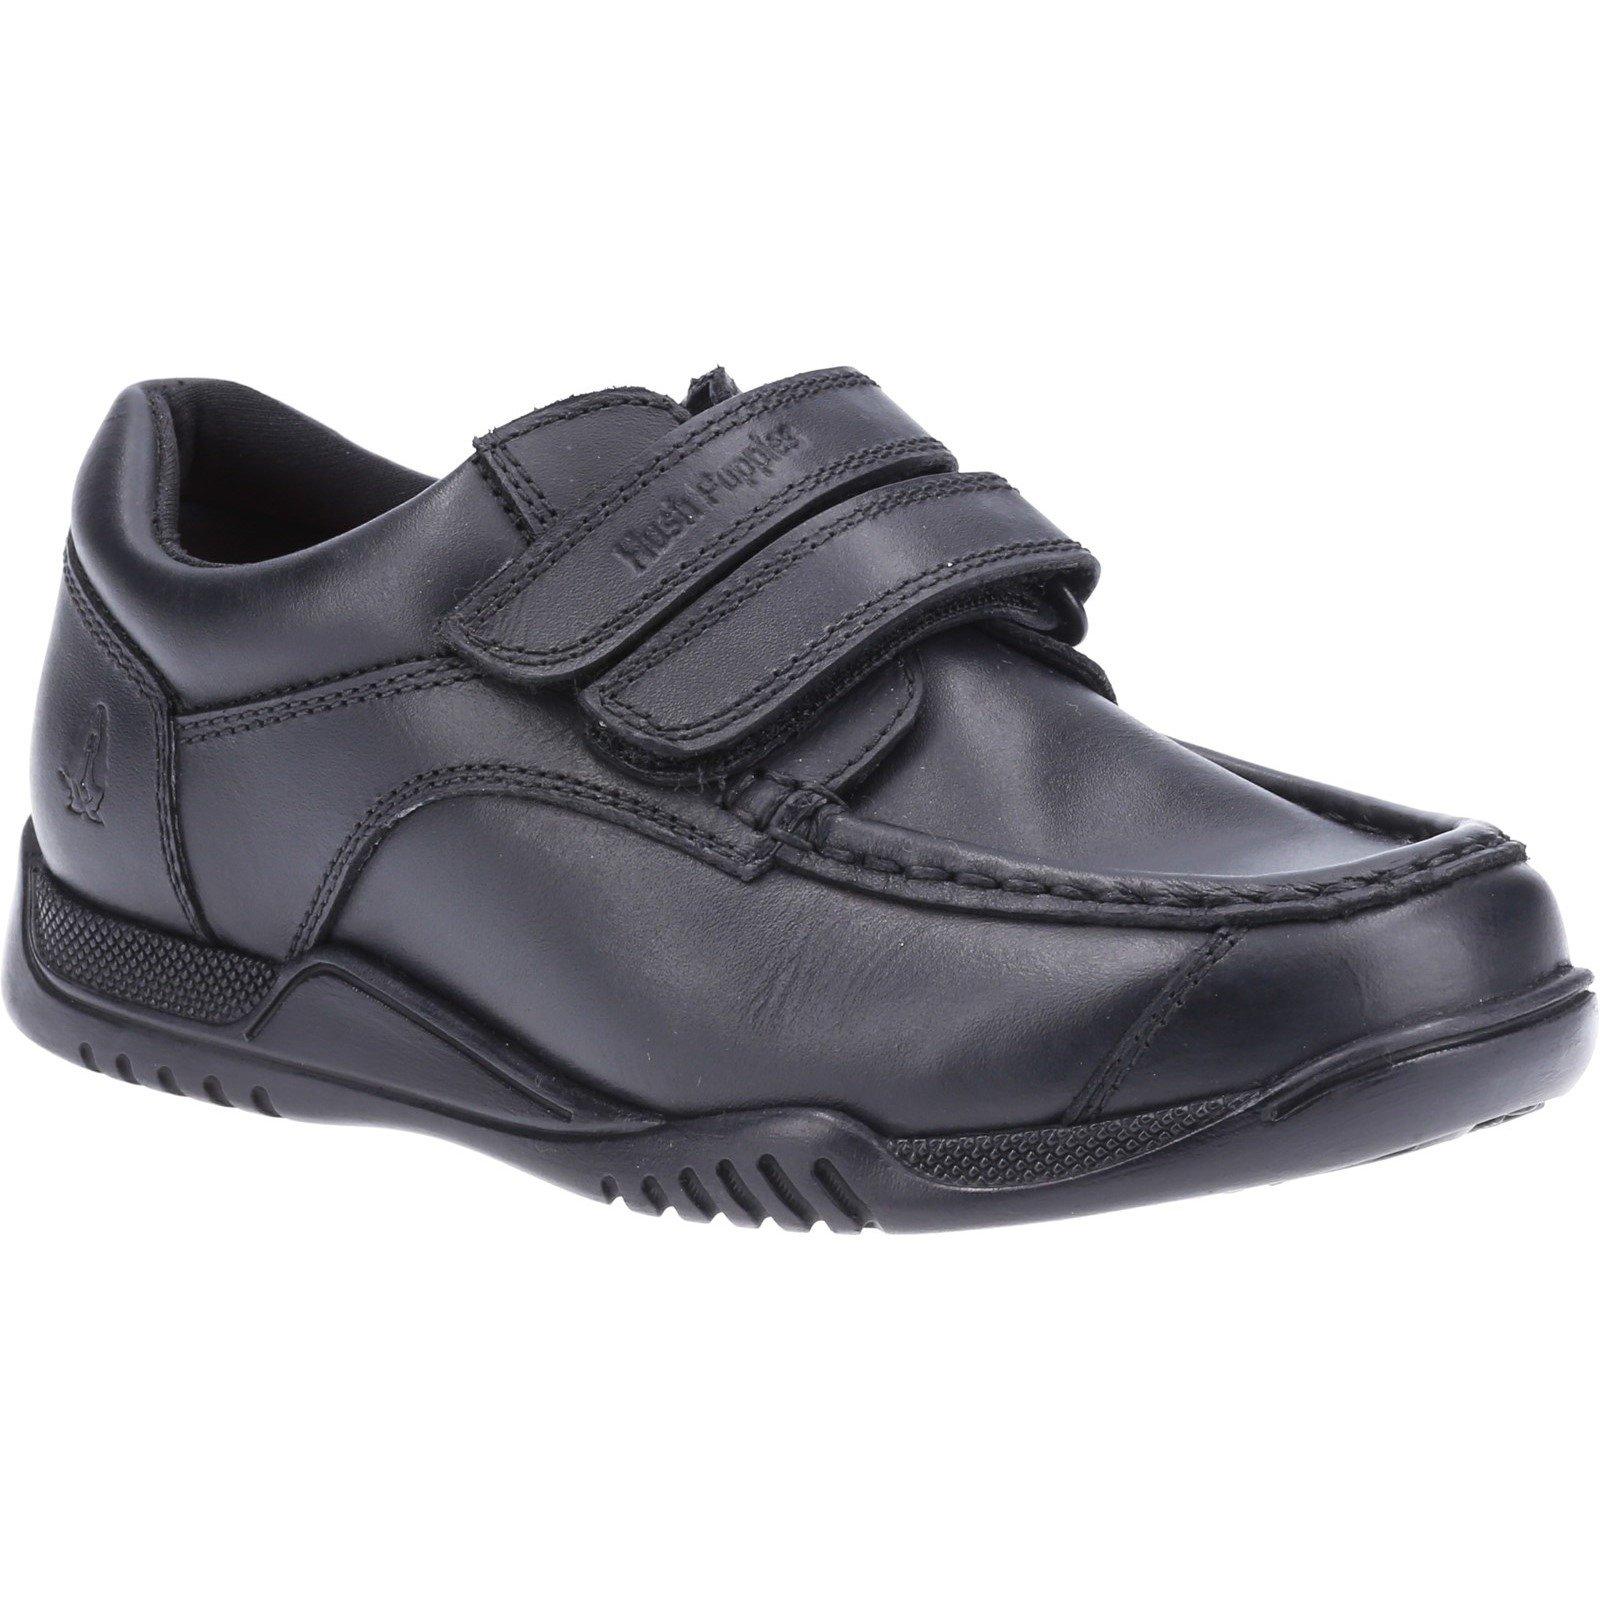 Hush Puppies Kid's Hayden Senior School Shoe Black 32733 - Black 6